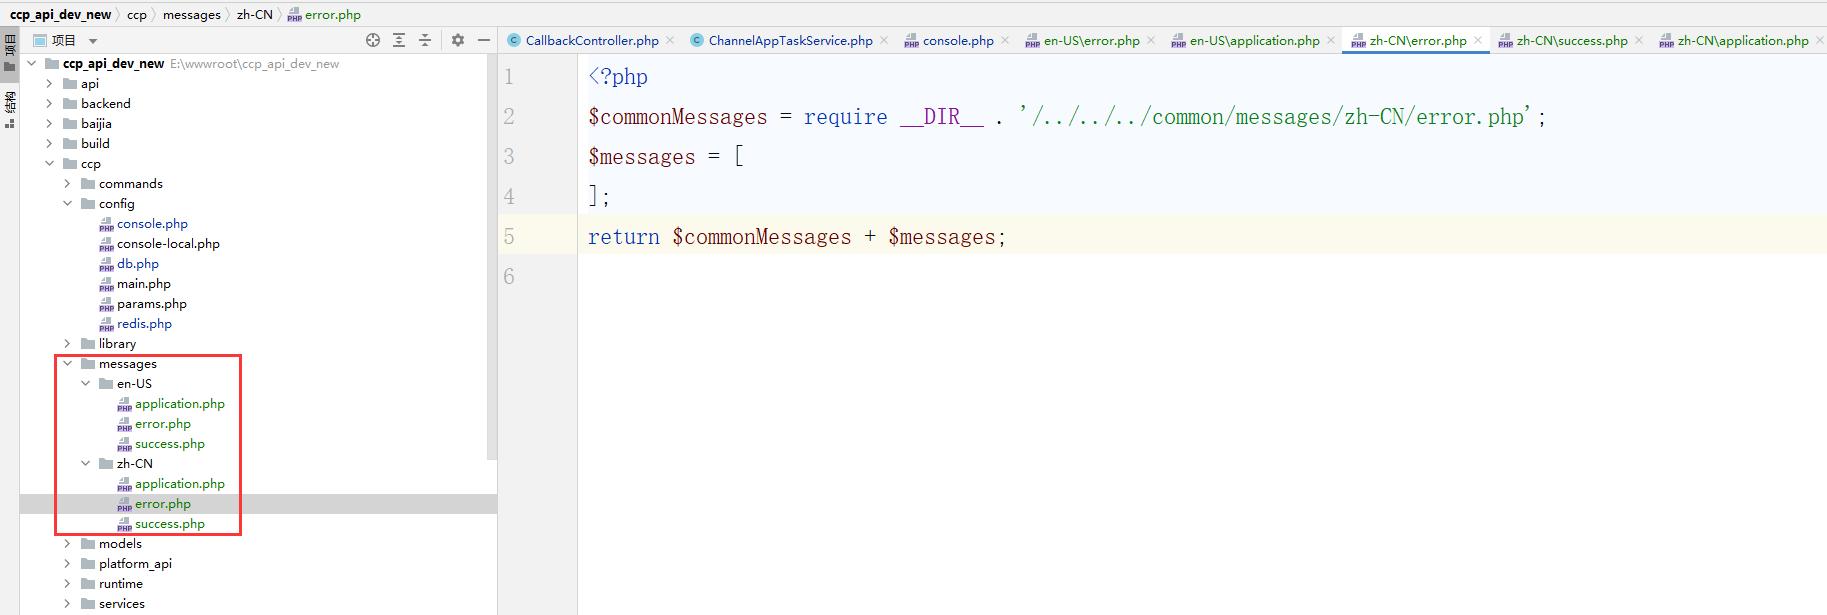 新建目录,/ccp/messages。文件 /ccp/messages/zh-CN/error.php 的内容如下。